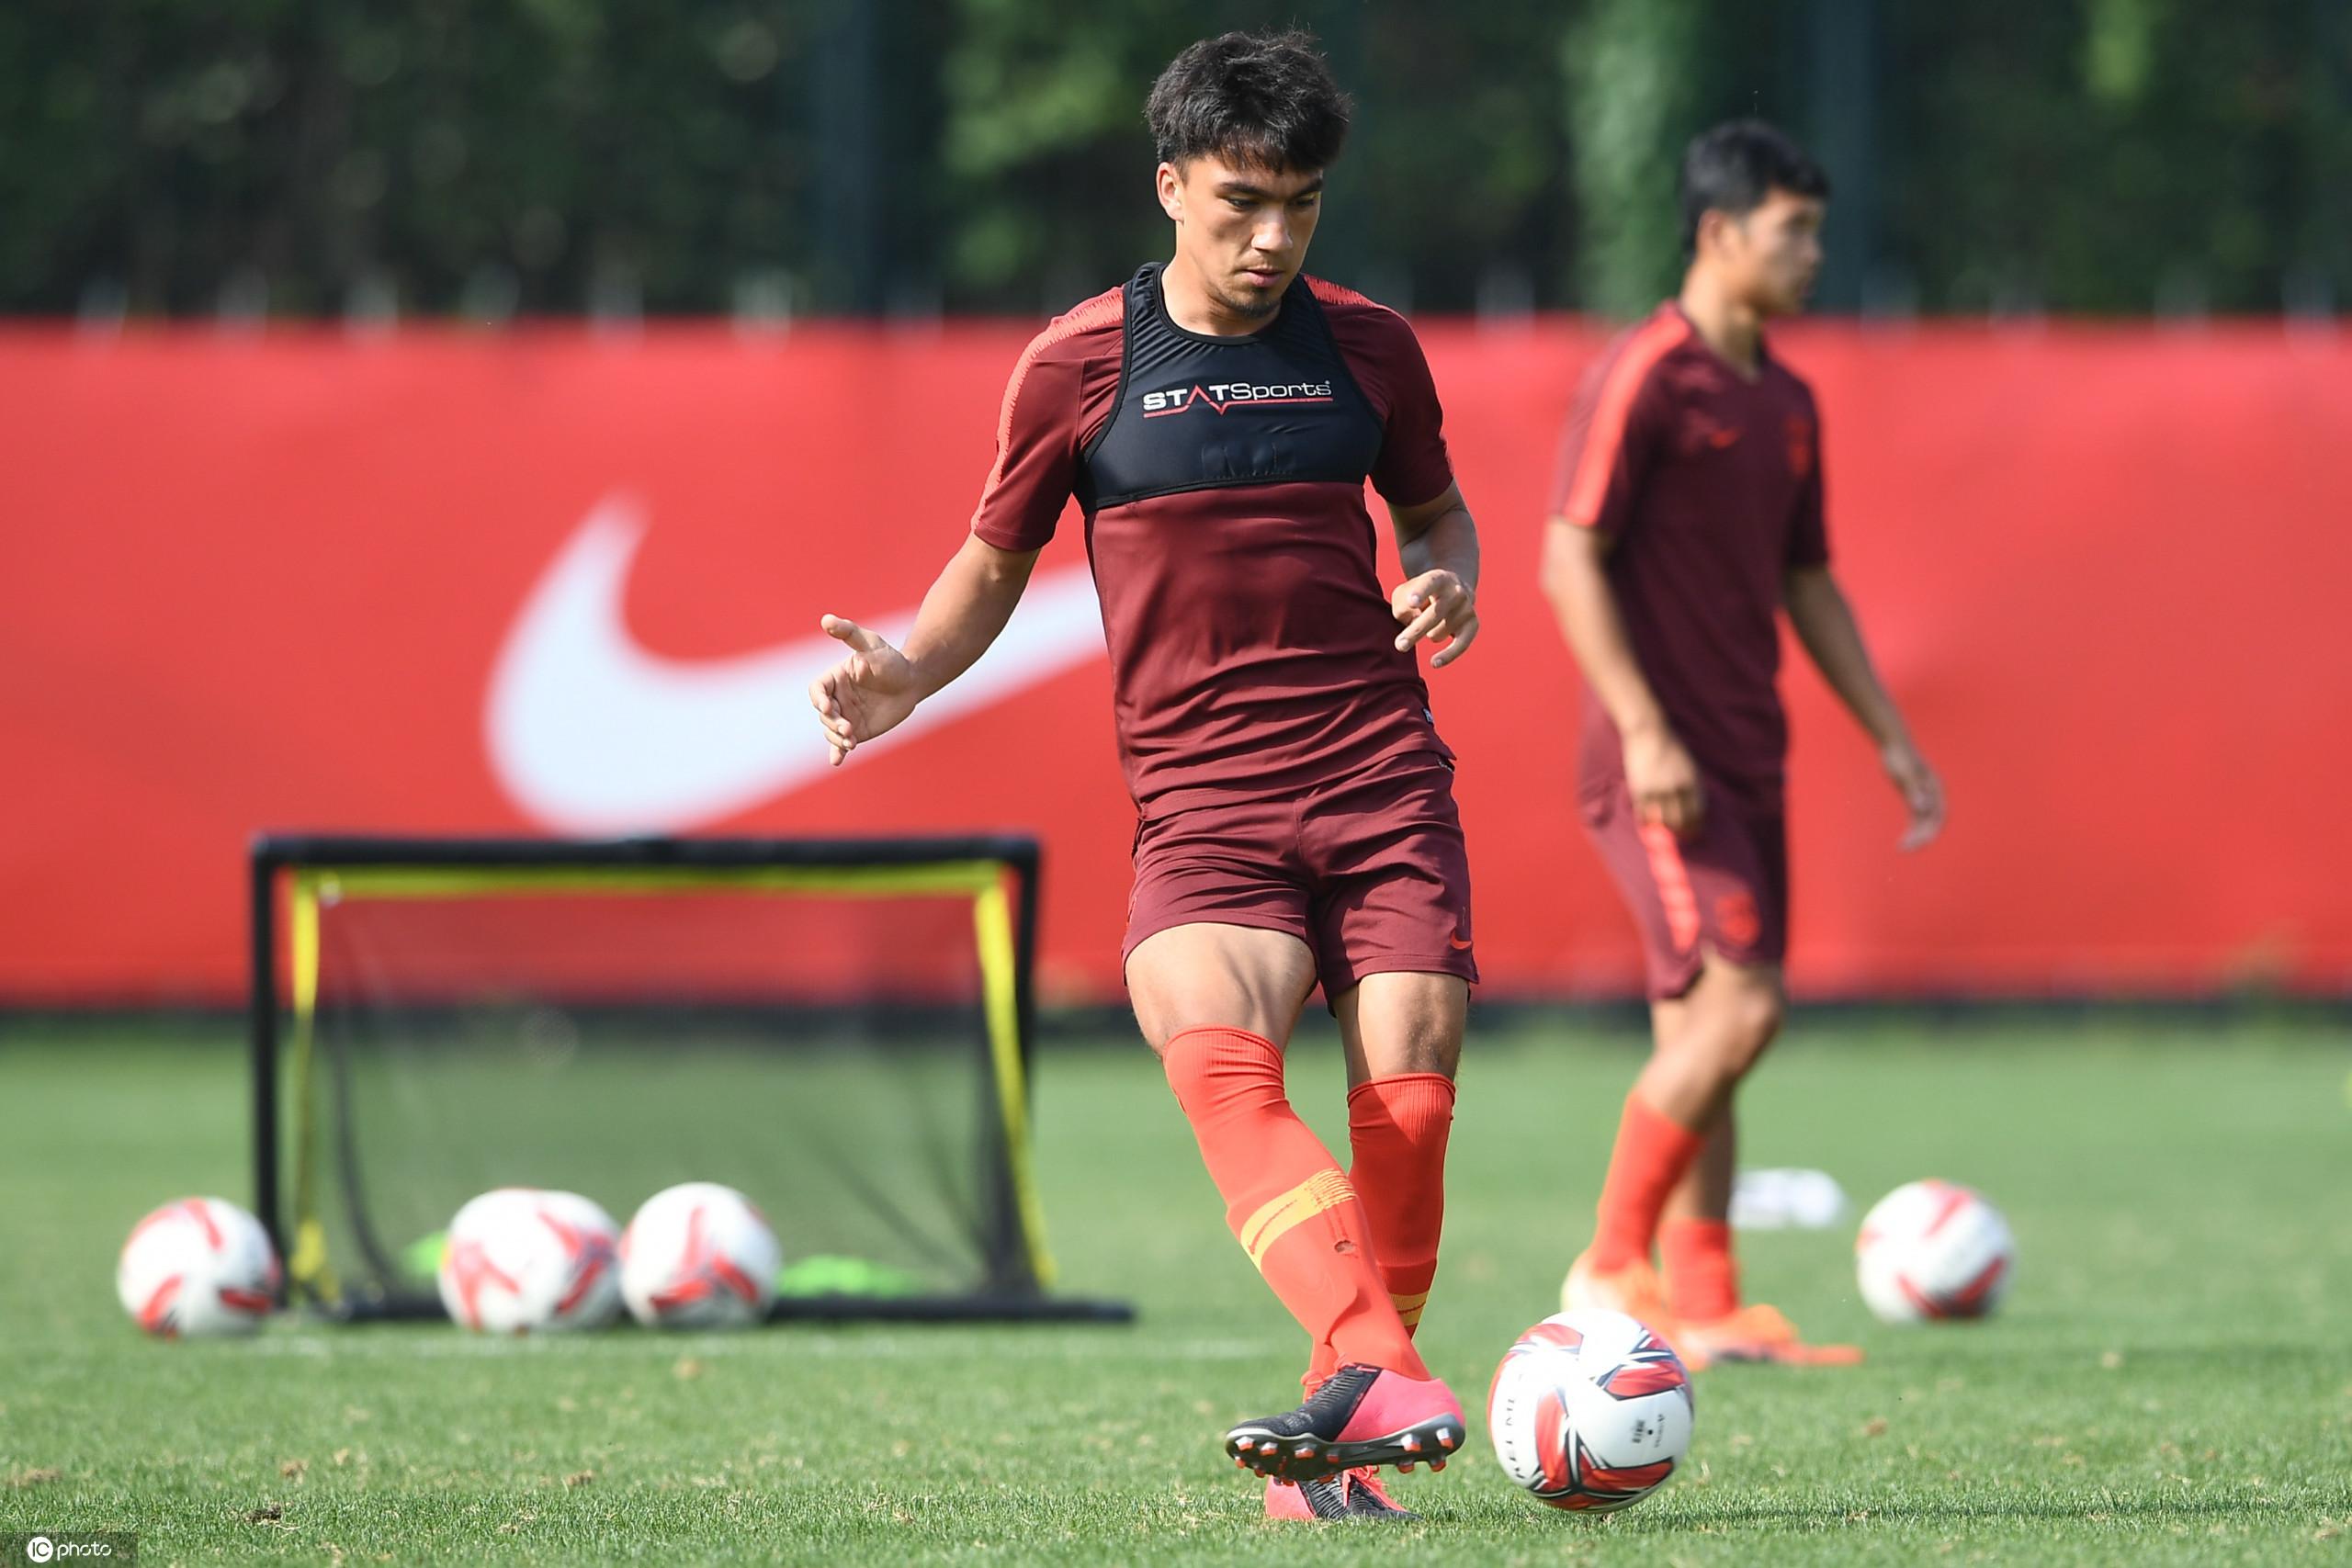 帕尔曼江破门,U19国青1-0北京人和取近5场热身赛首胜